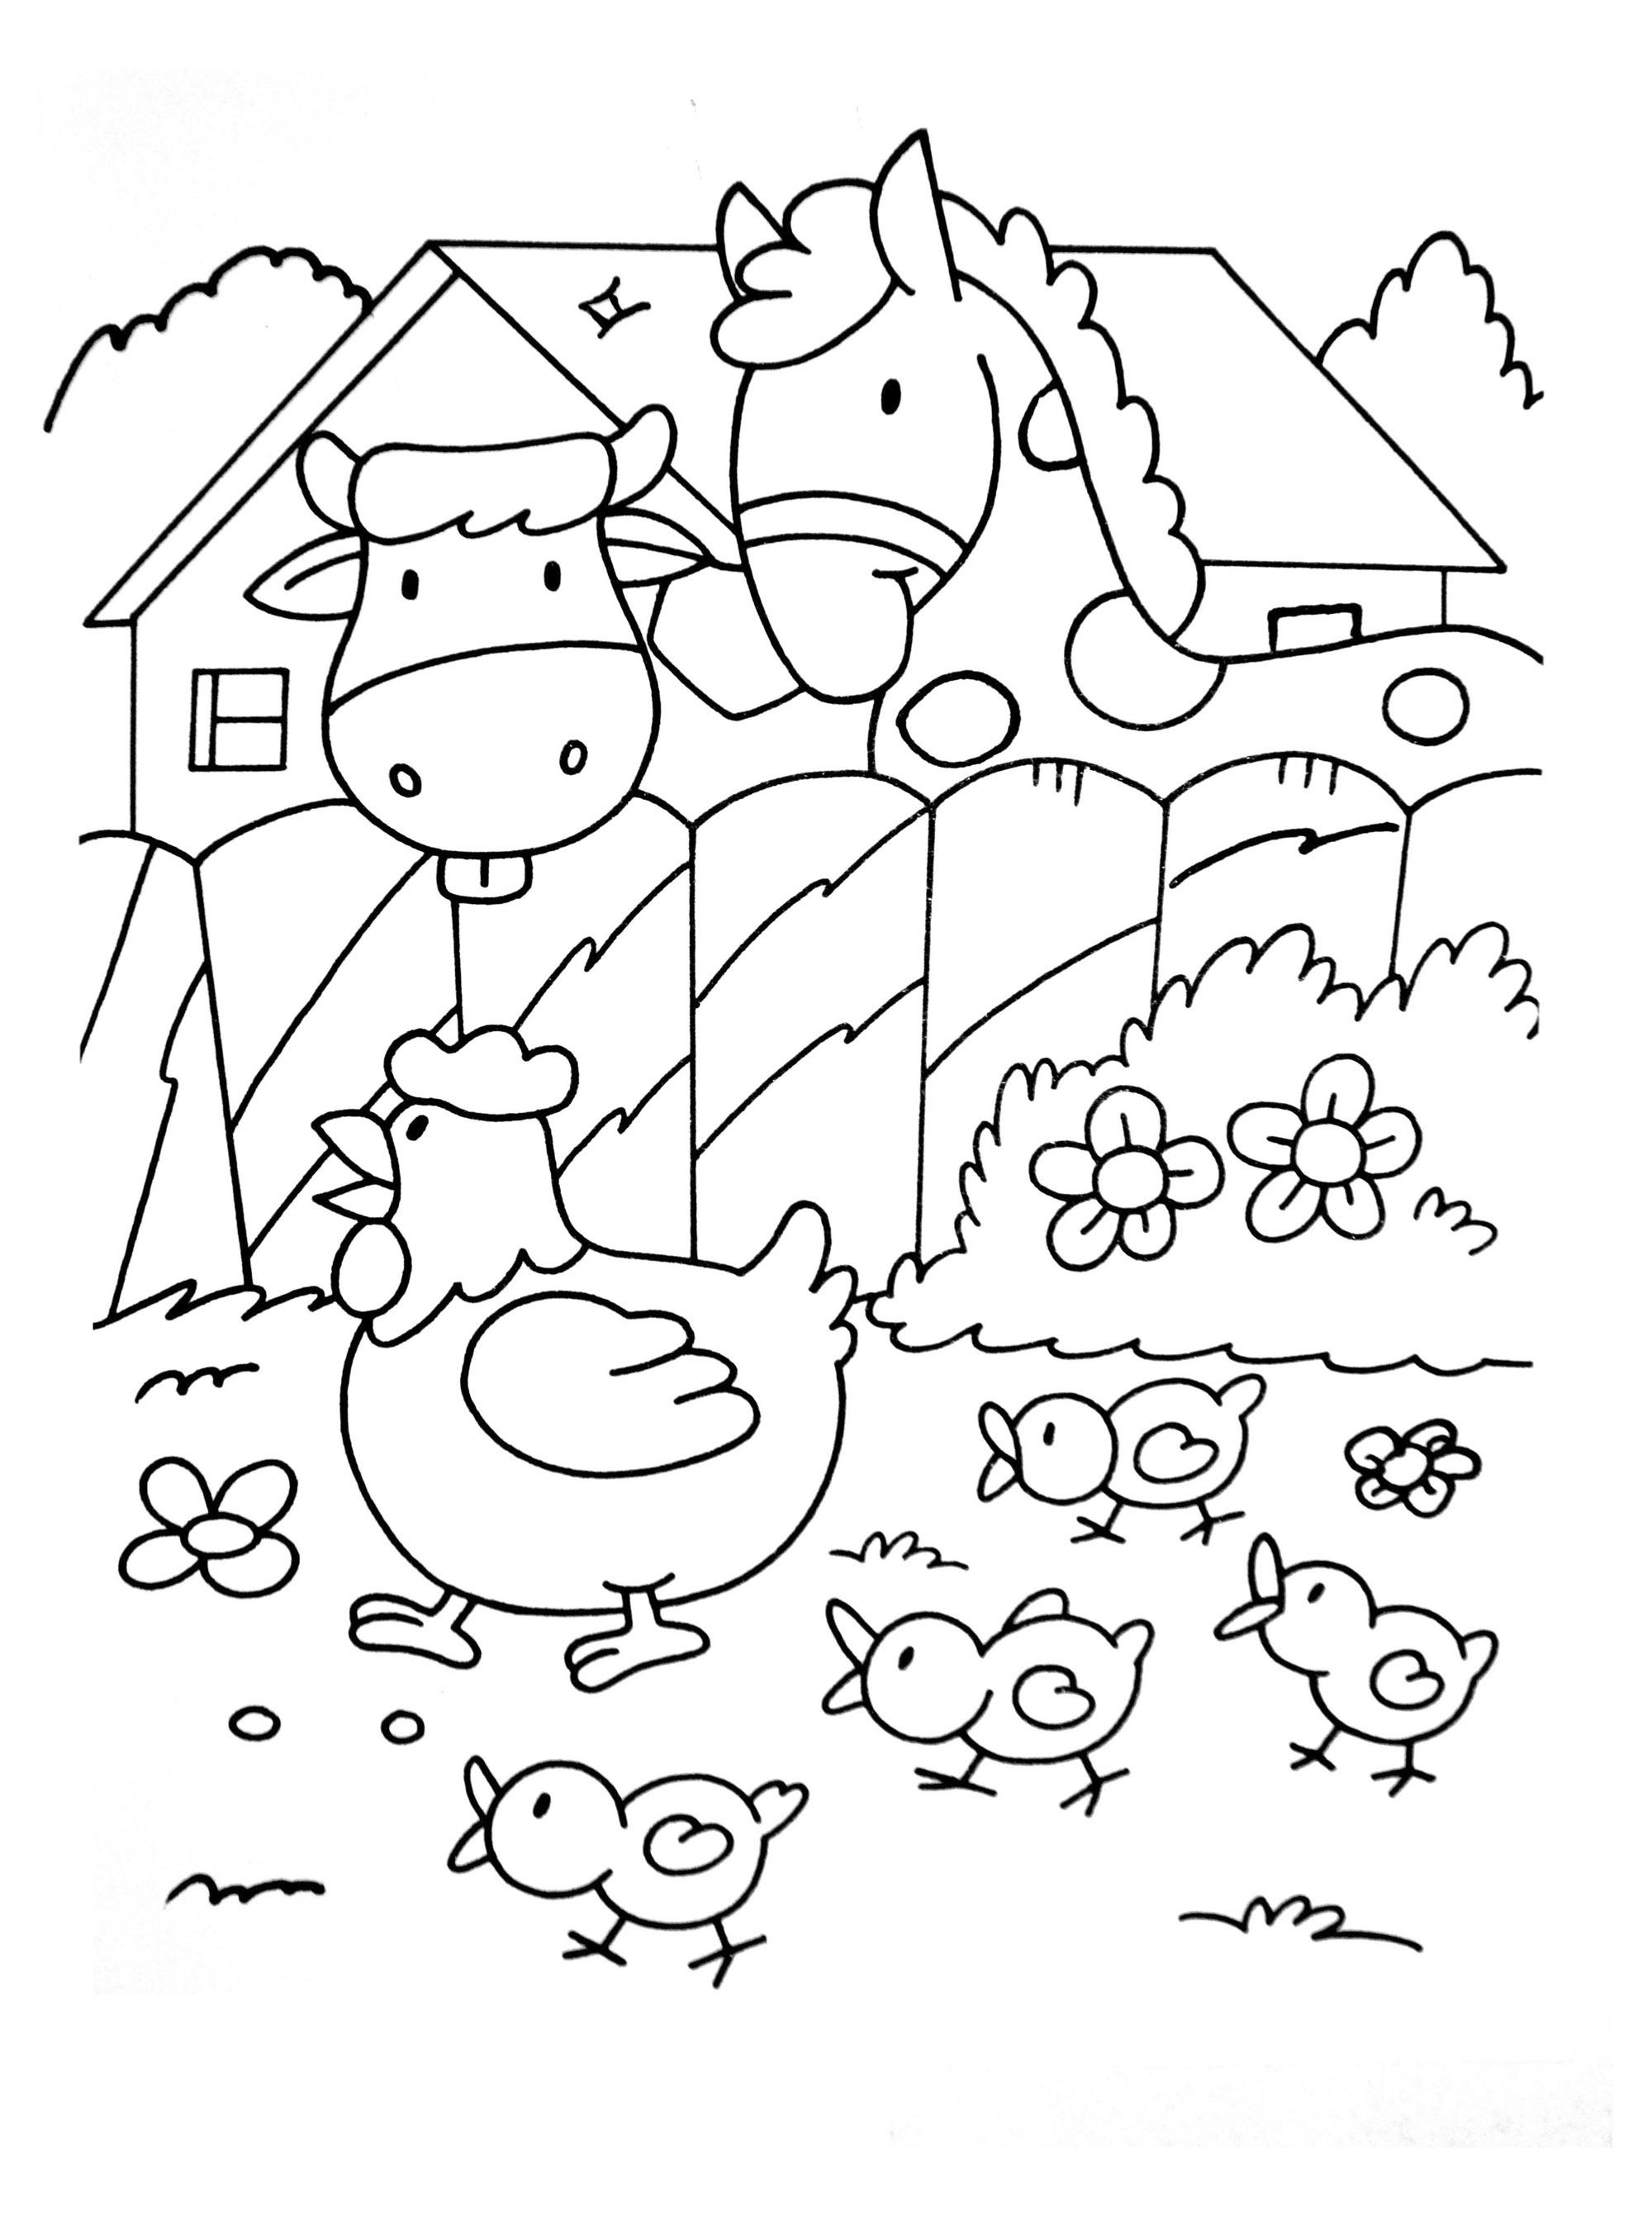 Coloriage Chevaux Pour Enfants - Coloriages De Chevaux Et dedans Photo De Chevaux A Imprimer Gratuitement